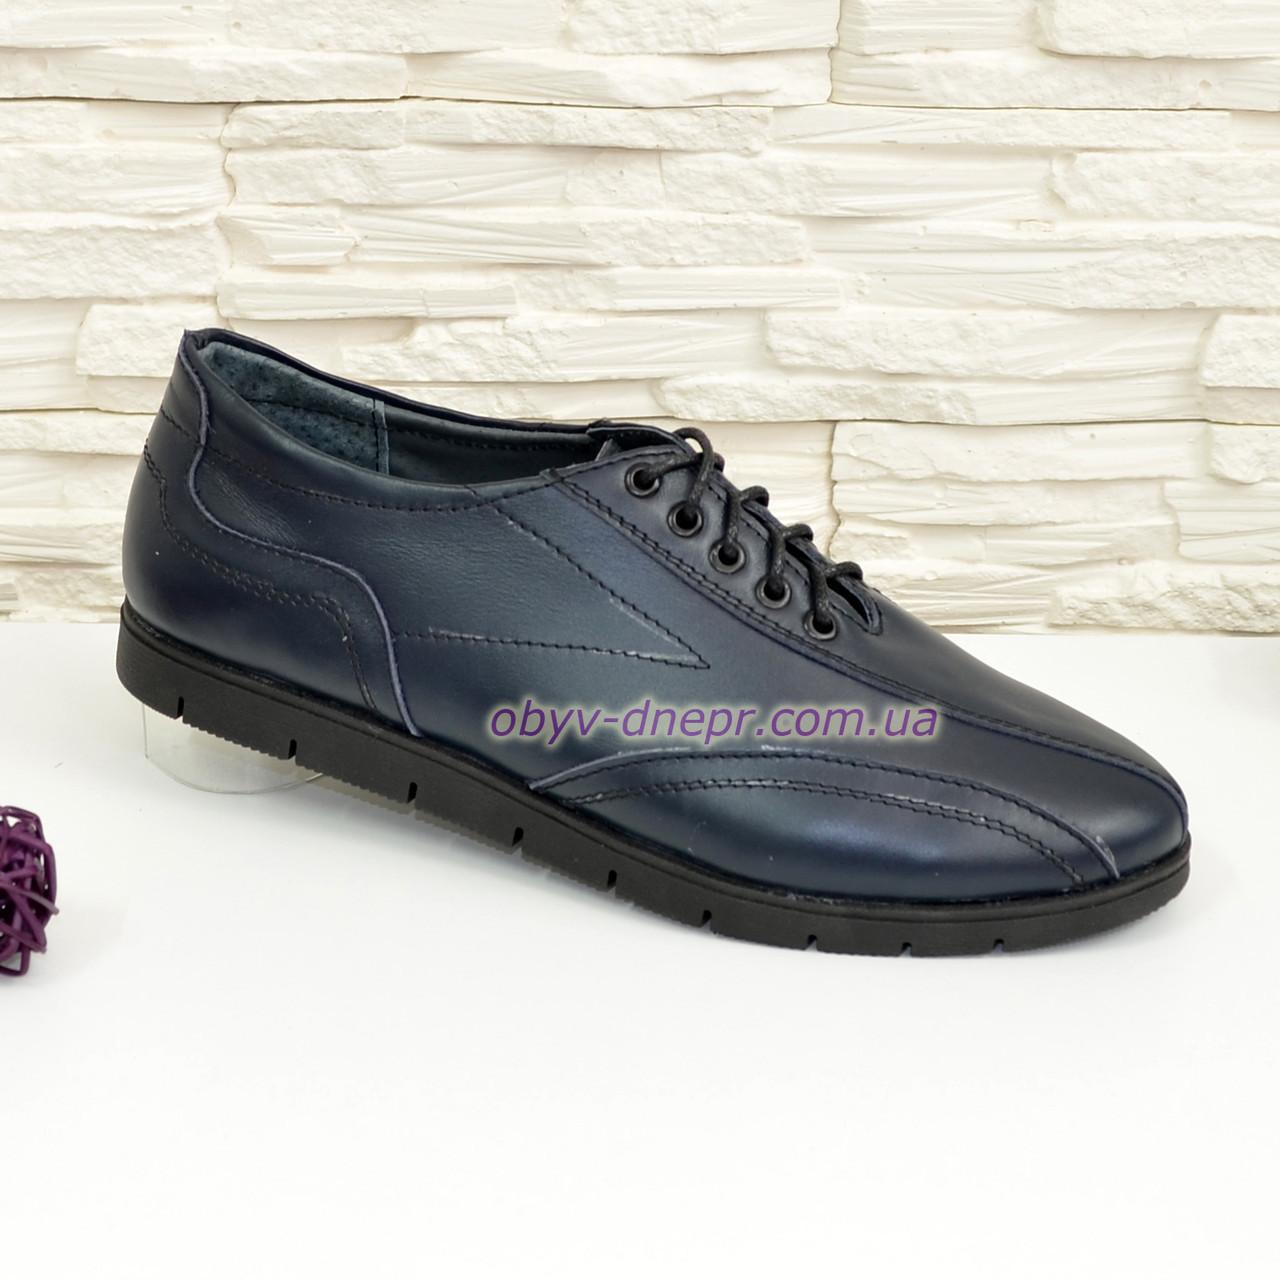 """Туфли кожаные спортивные женские на шнуровке, синий цвет. ТМ """"Maestro"""""""